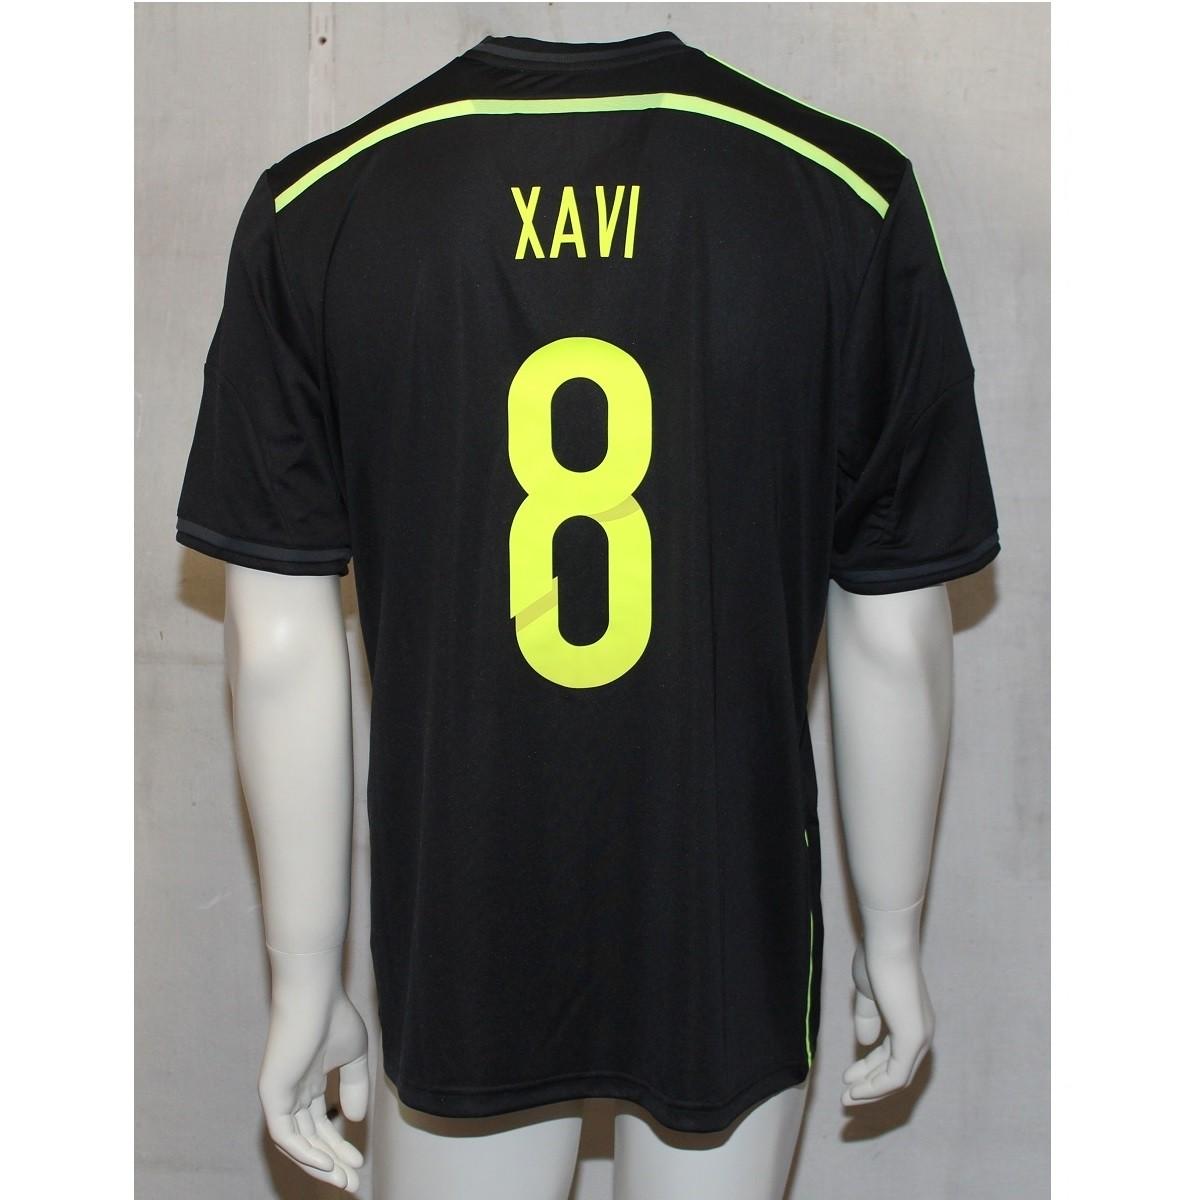 Spain away jersey 2014 - men's - Xavi 8